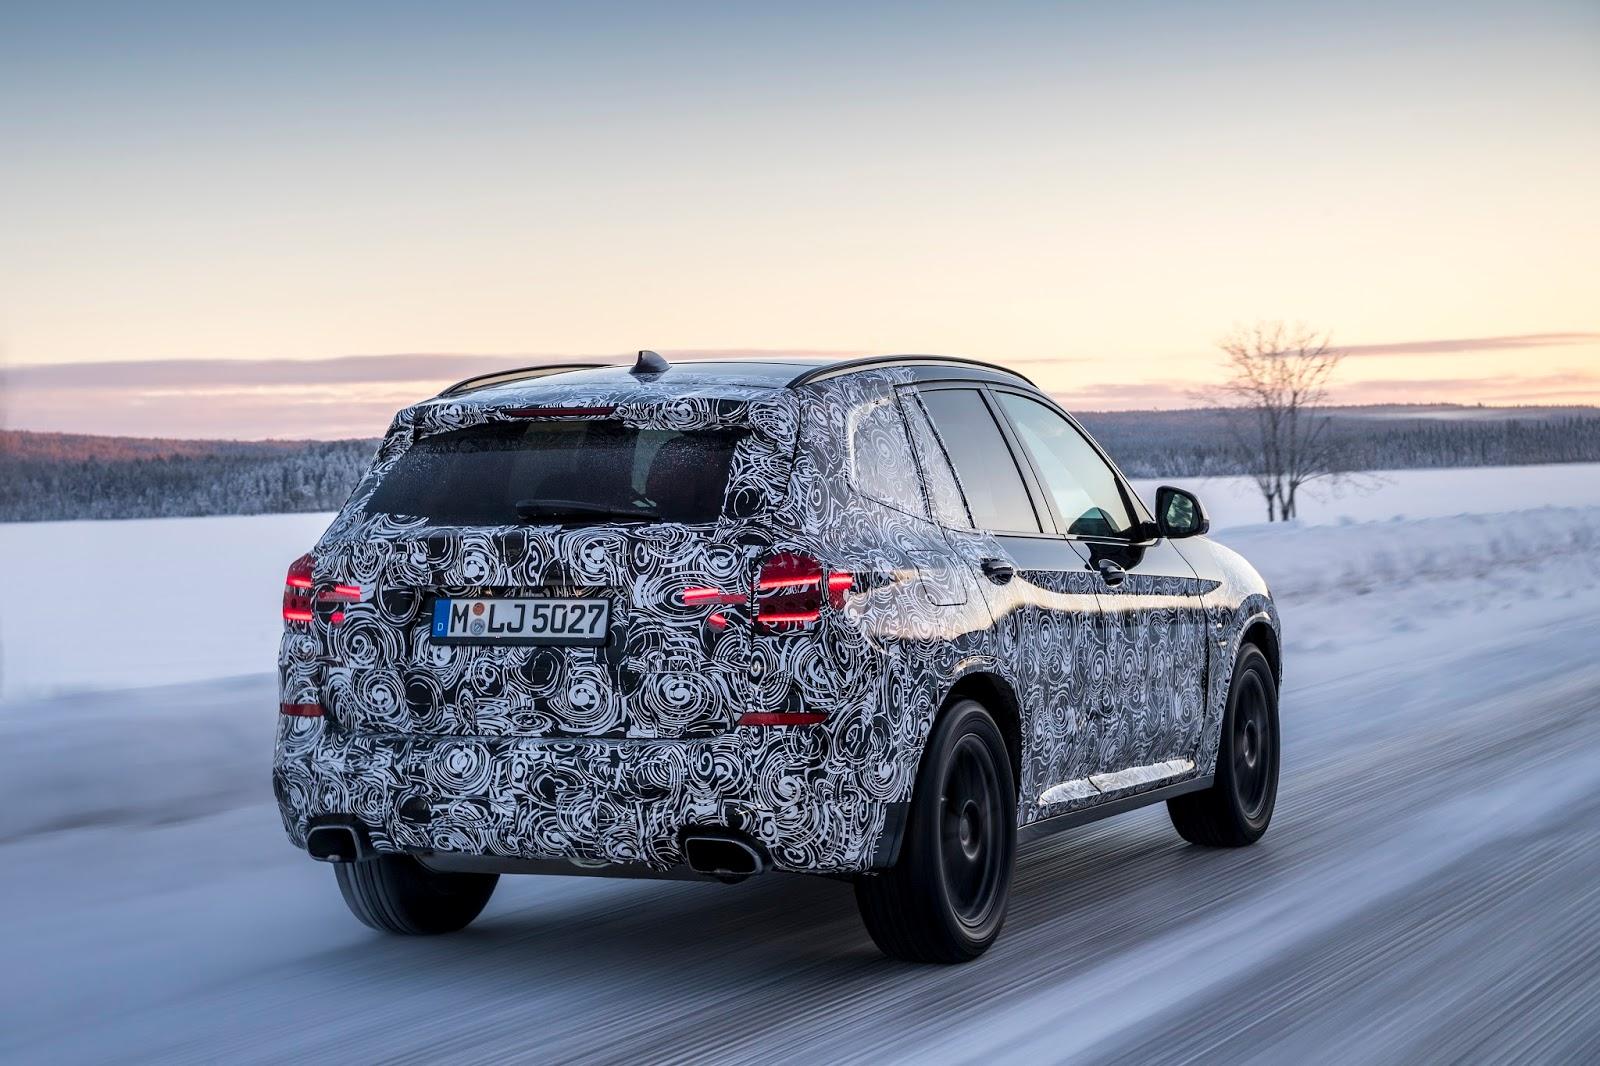 P90249813 highRes the new bmw x3 under Δοκιμές στην παγωμένη Βόρεια Σουηδία, για την επερχόμενη BMW X3 BMW, BMW X, BMW X3, SUV, videos